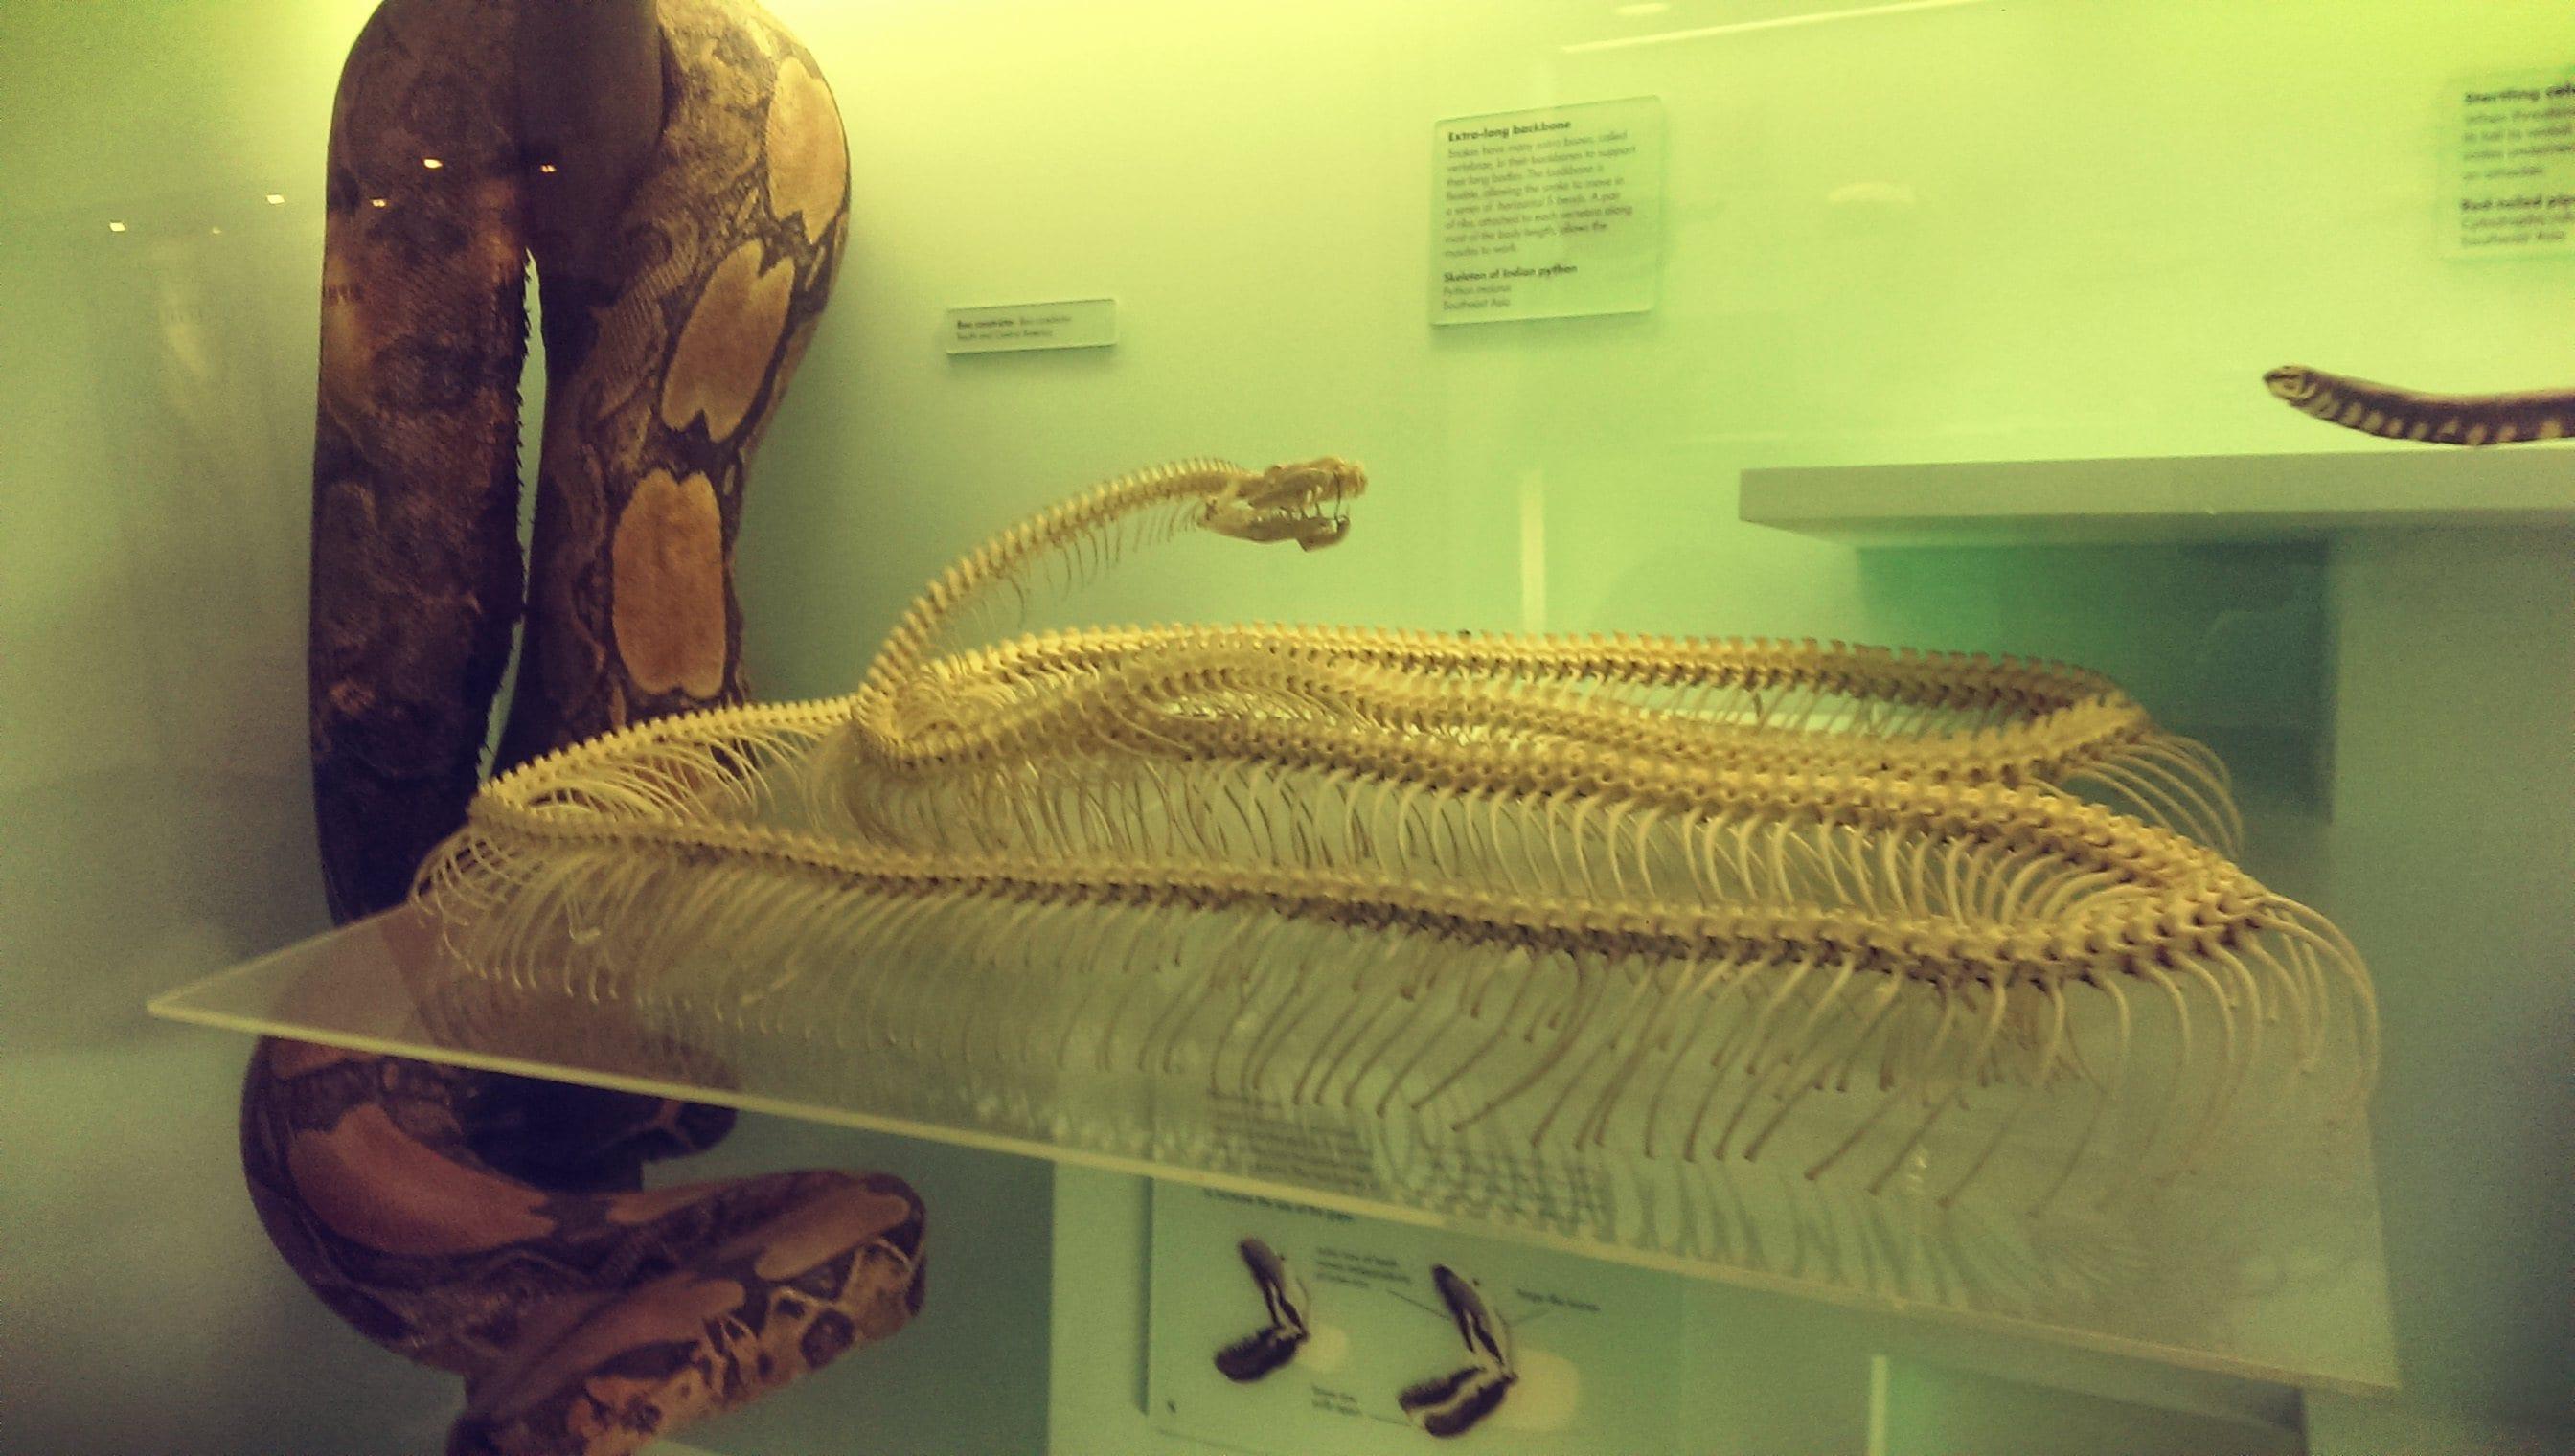 Ich wusste gar nicht, dass Schlangen auch Knochen haben :O